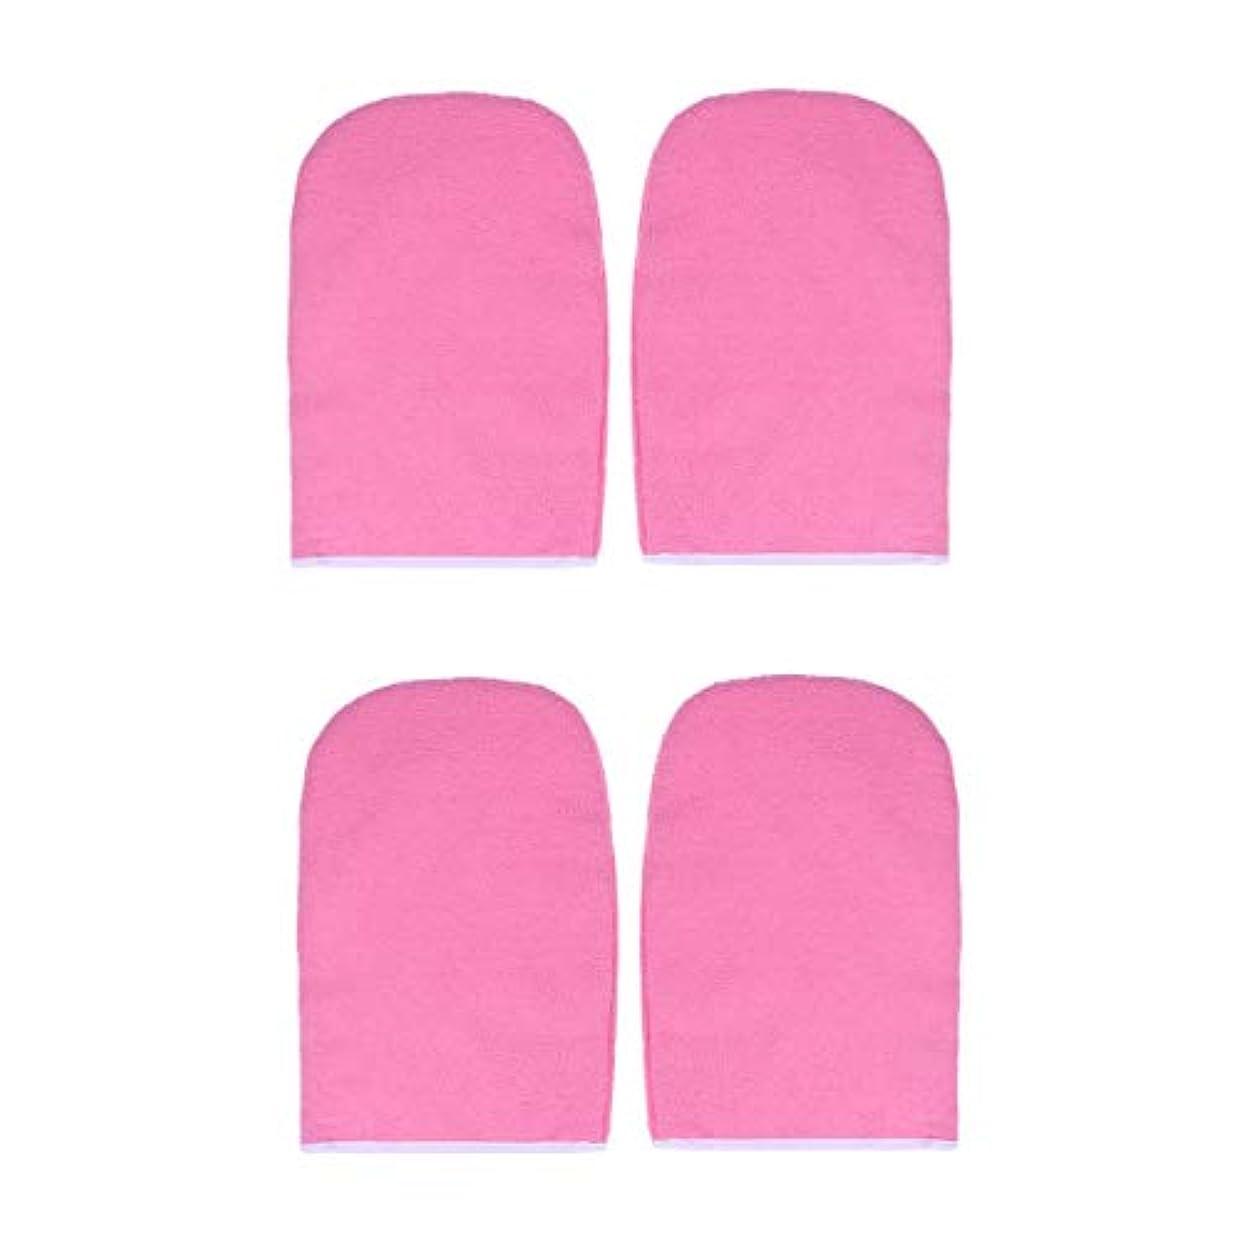 スピンポスタースロベニアMinkissy 2ペアハンドトリートメントミットパラフィンワックスグローブ美容ハンドミットスパミット用女性美容ピンク